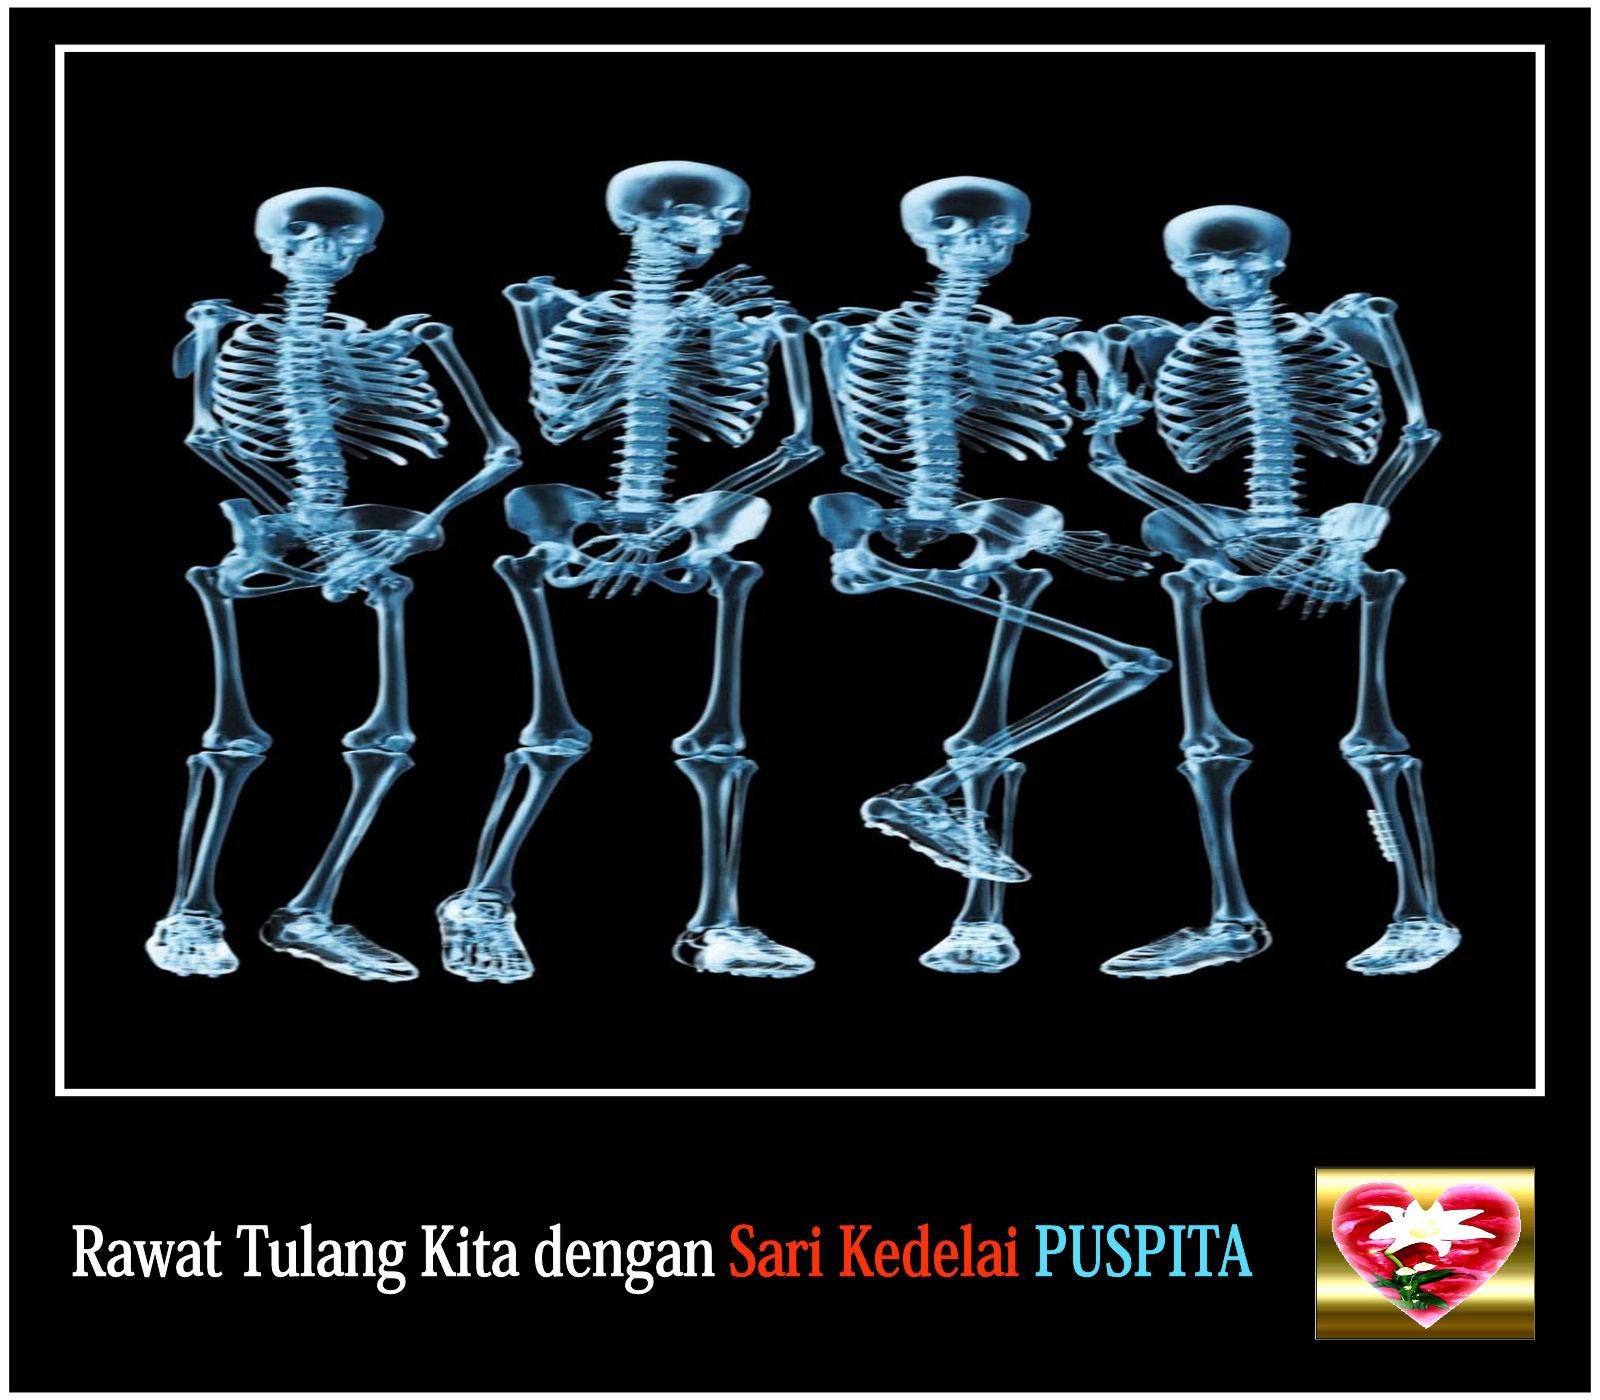 tulang oda mga tulang anadiplosis dirty words for jingle bells tulang